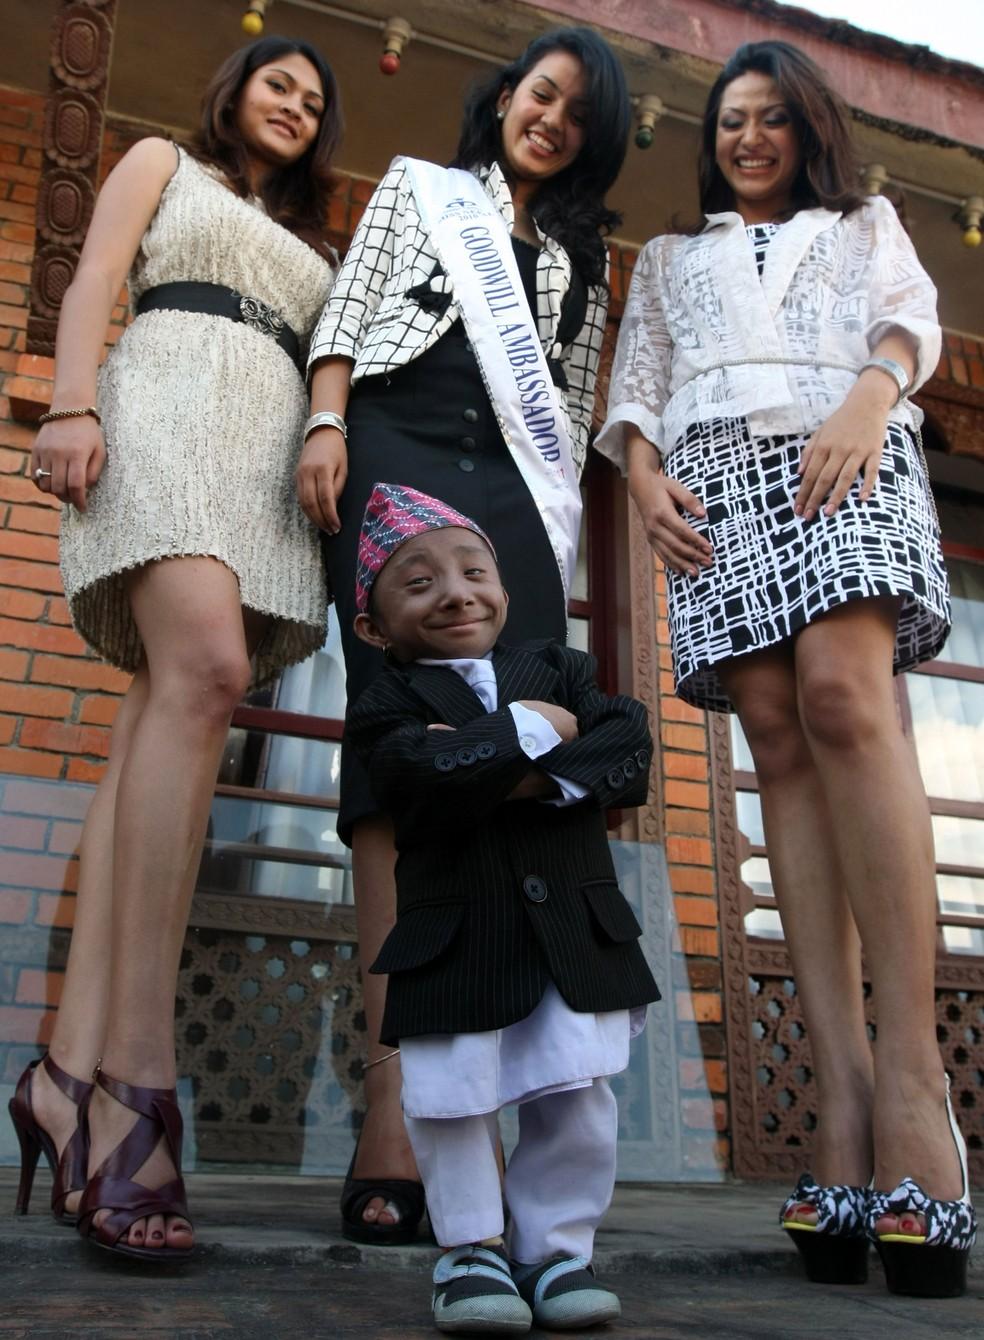 Khagendra Thapa Magar é fotografado com miss Nepal de 2010, Sadichha Shrestha (no centro), e as duas vices da miss em Katmandu no Nepal, em 24 de setembro de 2014  — Foto: Prakash Mathema / AFP